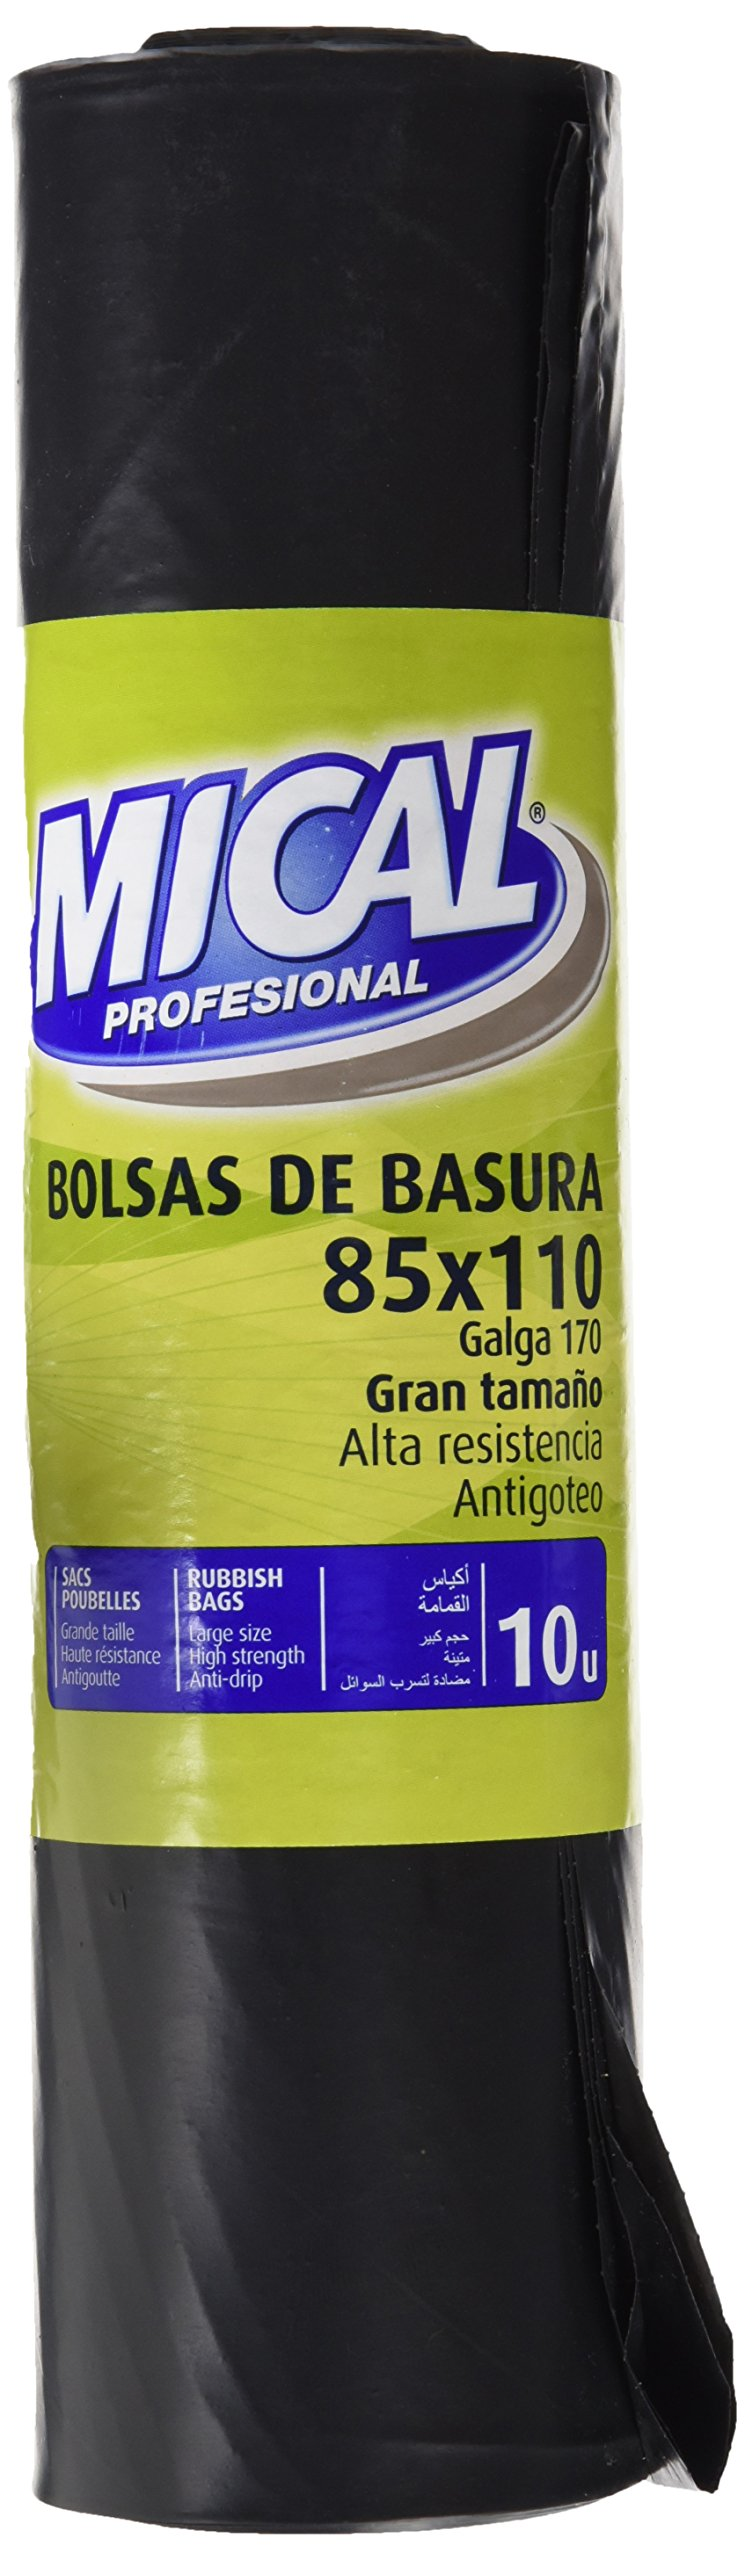 Mical Profesional Bolsas de Basura, Gran tamaño 85 x 110 cm - 10 unidades product